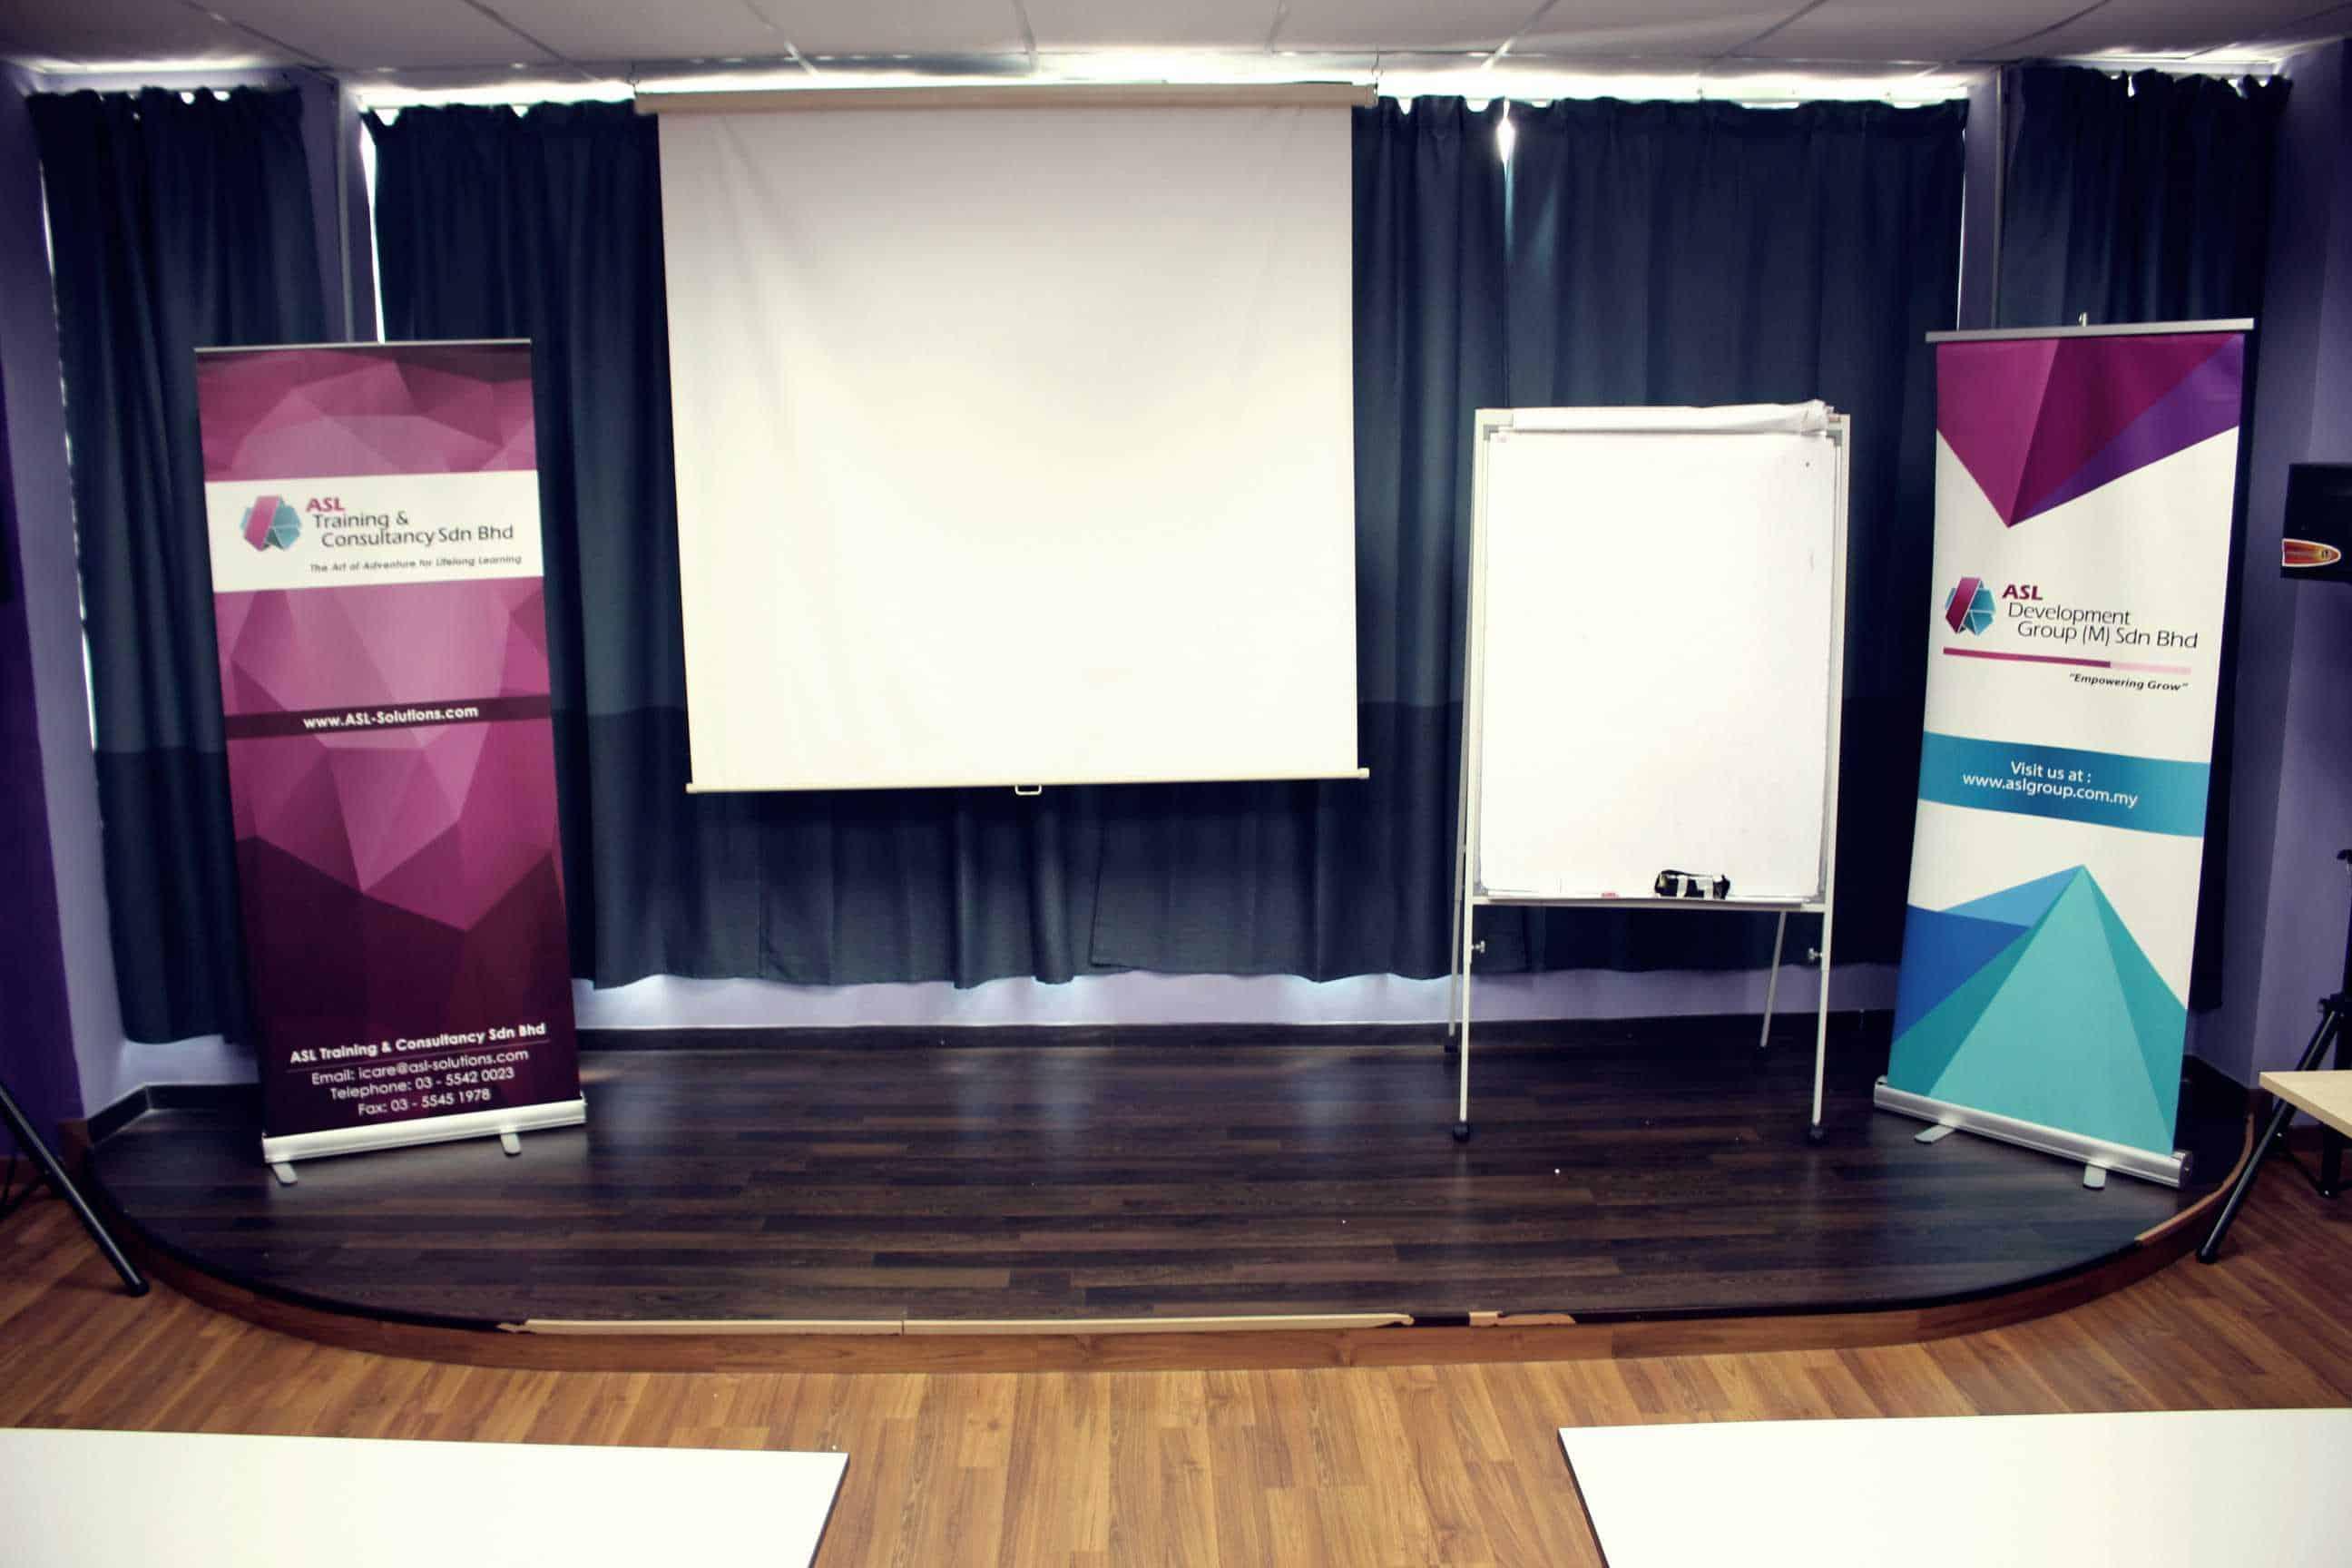 bilik seminar untuk disewa shah alam-programusahawan.com